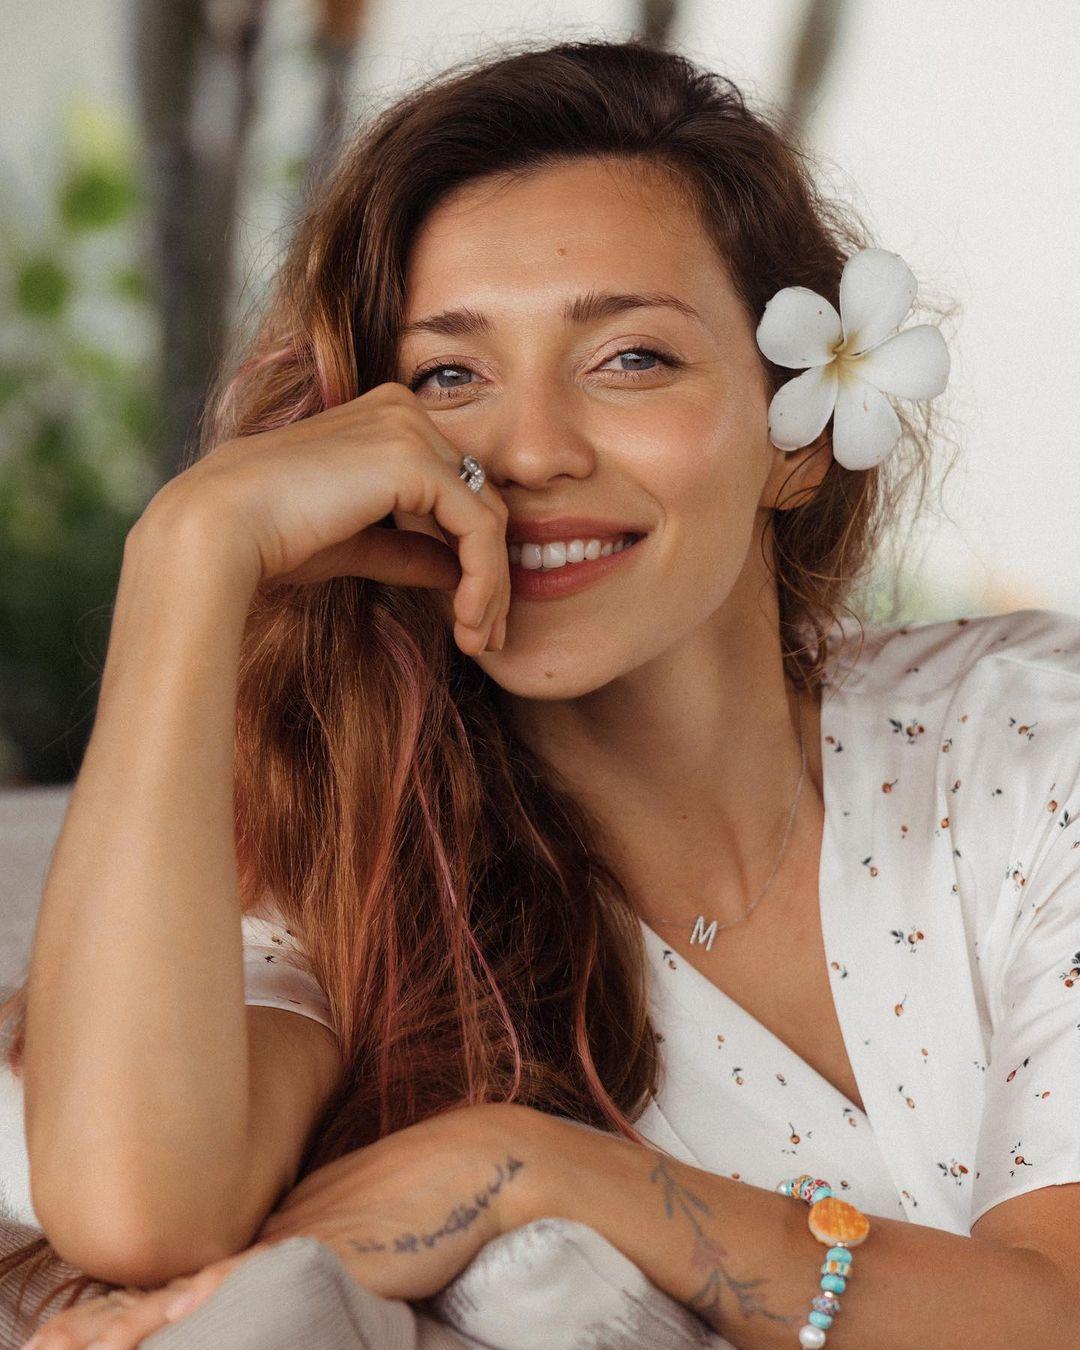 Регина Тодоренко показала, как проводит время на отдыхе